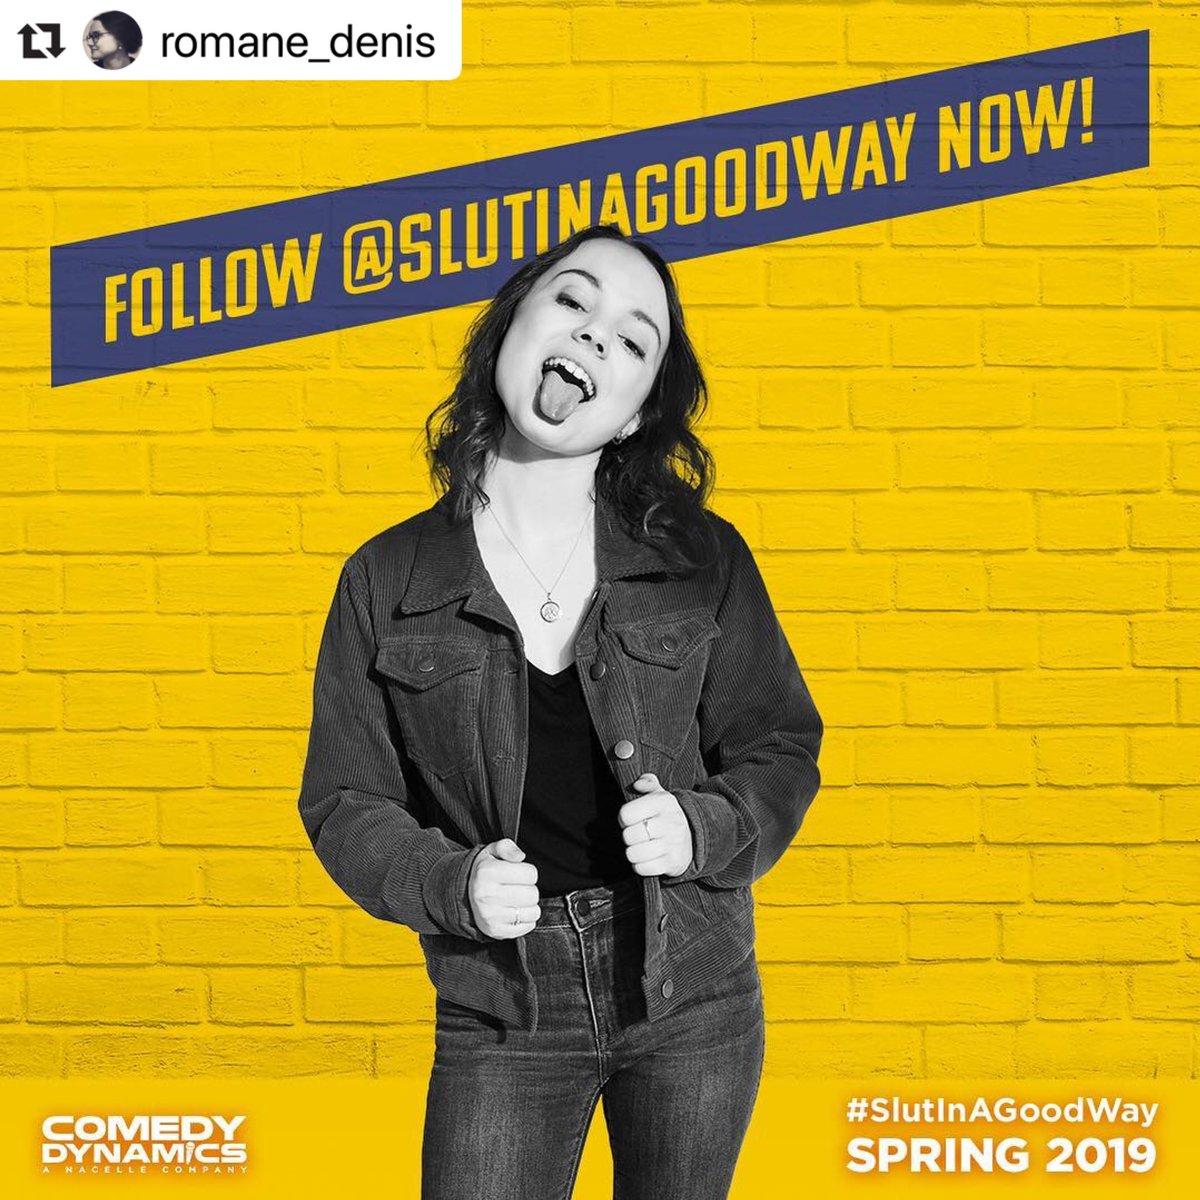 #Repost @romane_denis  ・・・ C'est vrai! #slutinagoodway is coming to U.S. theatres spring 2019!! Allez suivre @slutinagoodway 💛💛💛#SlutInAGoodWay  #independentfilm #femalefilmmakers #freedom #womenswave  #setlife